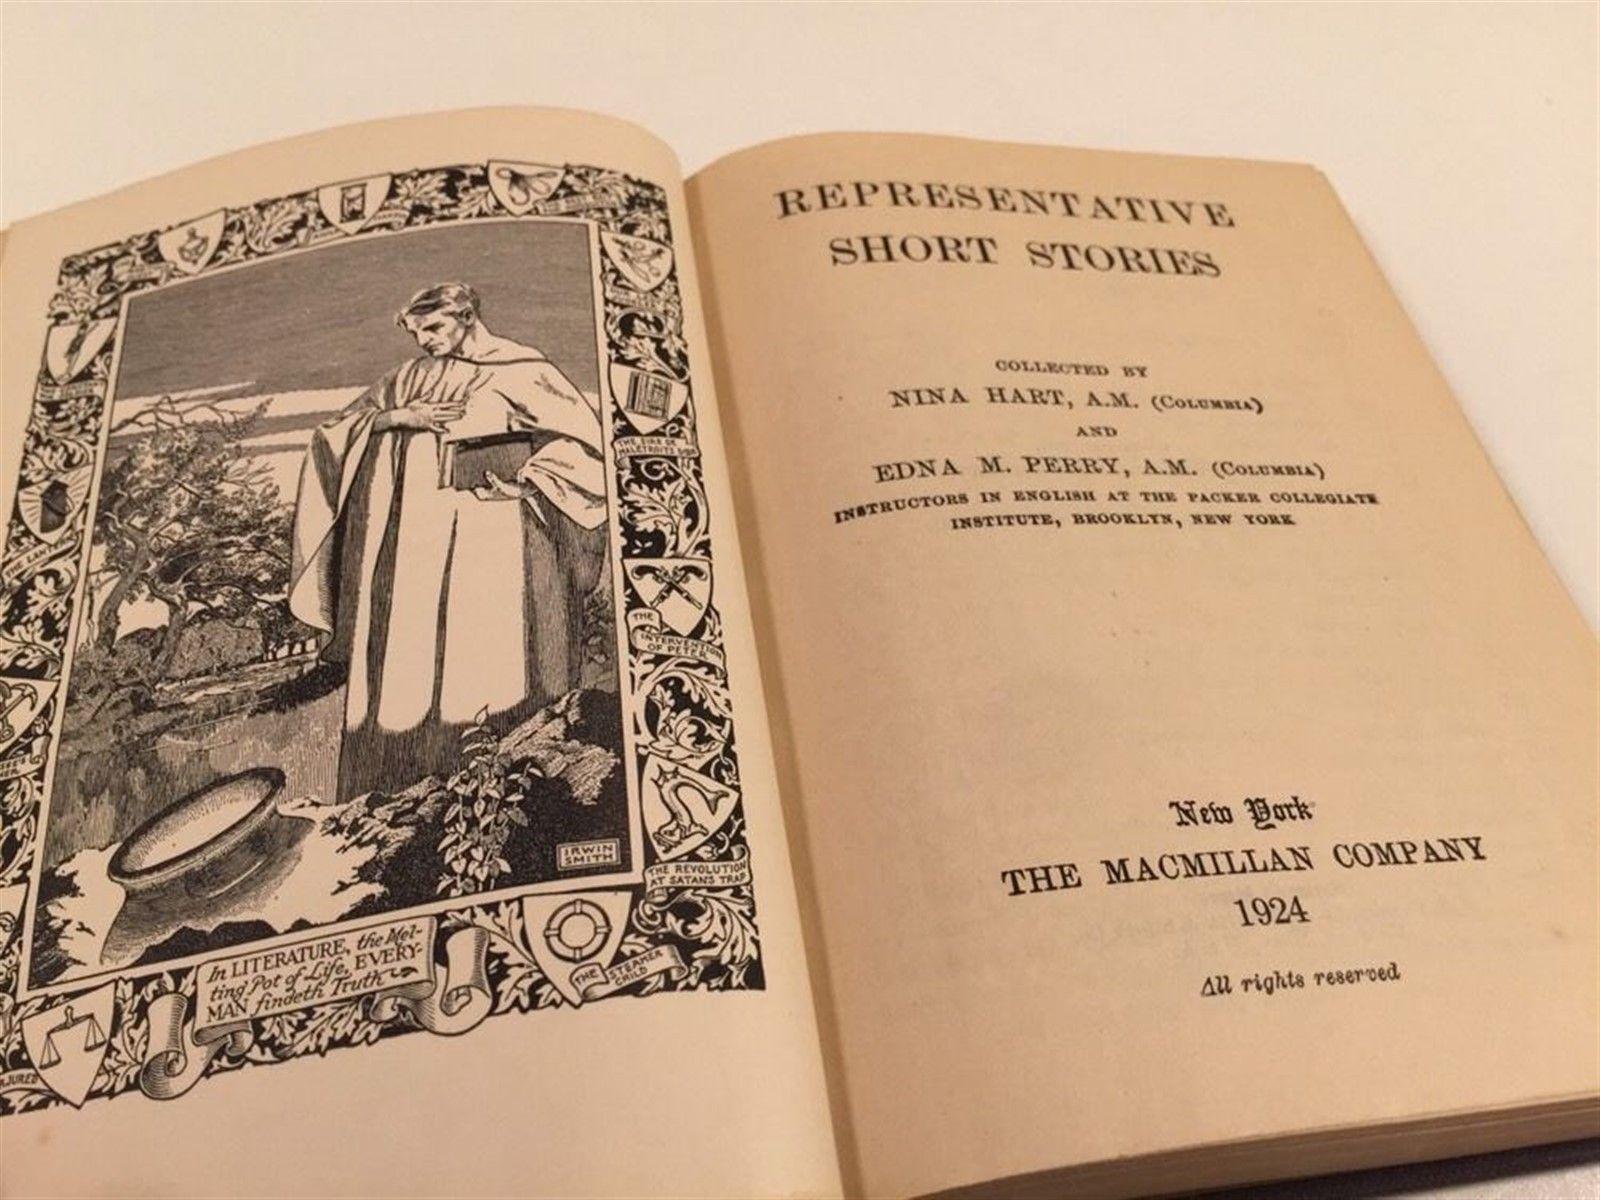 Representative Short Stories - 1924 - Macmillan - Nina Hart, Edna Perry